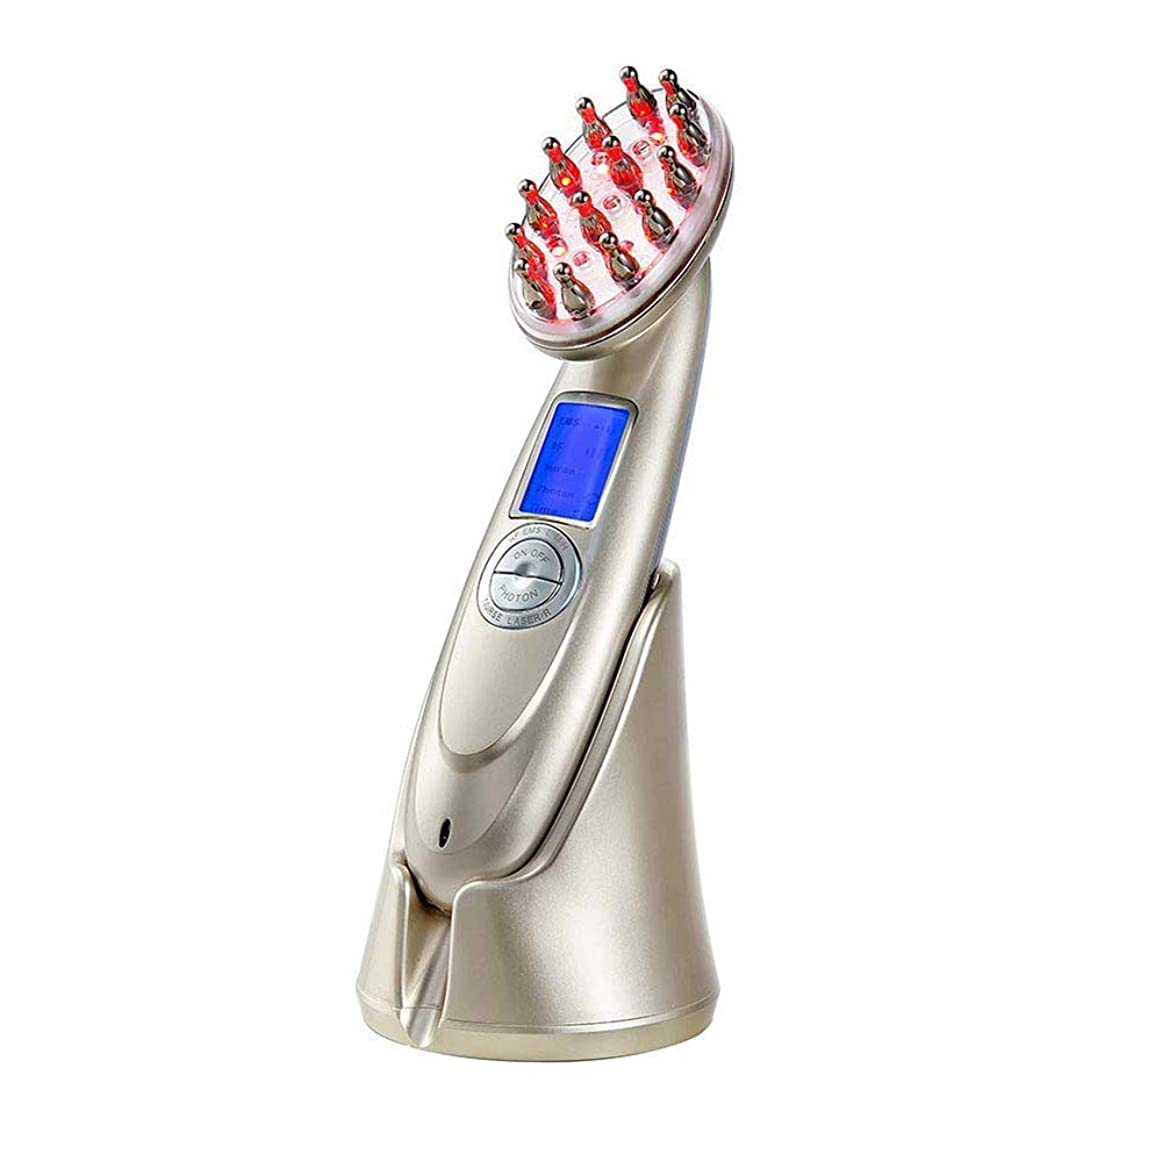 ブレス推進シャッター髪の成長櫛電気抗毛損失治療マッサージヘア再生ブラシ無線周波数職業 EMS Led フォトンライトセラピー櫛